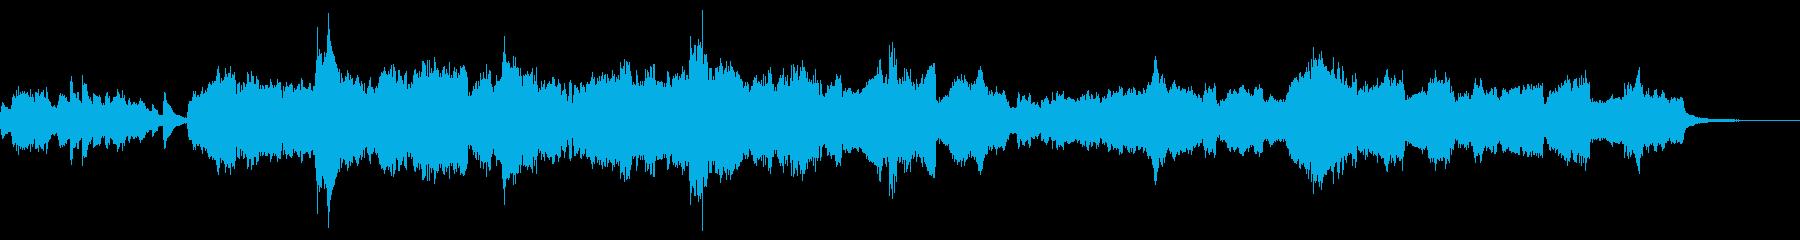 オーケストラによる日本的なメロディの再生済みの波形